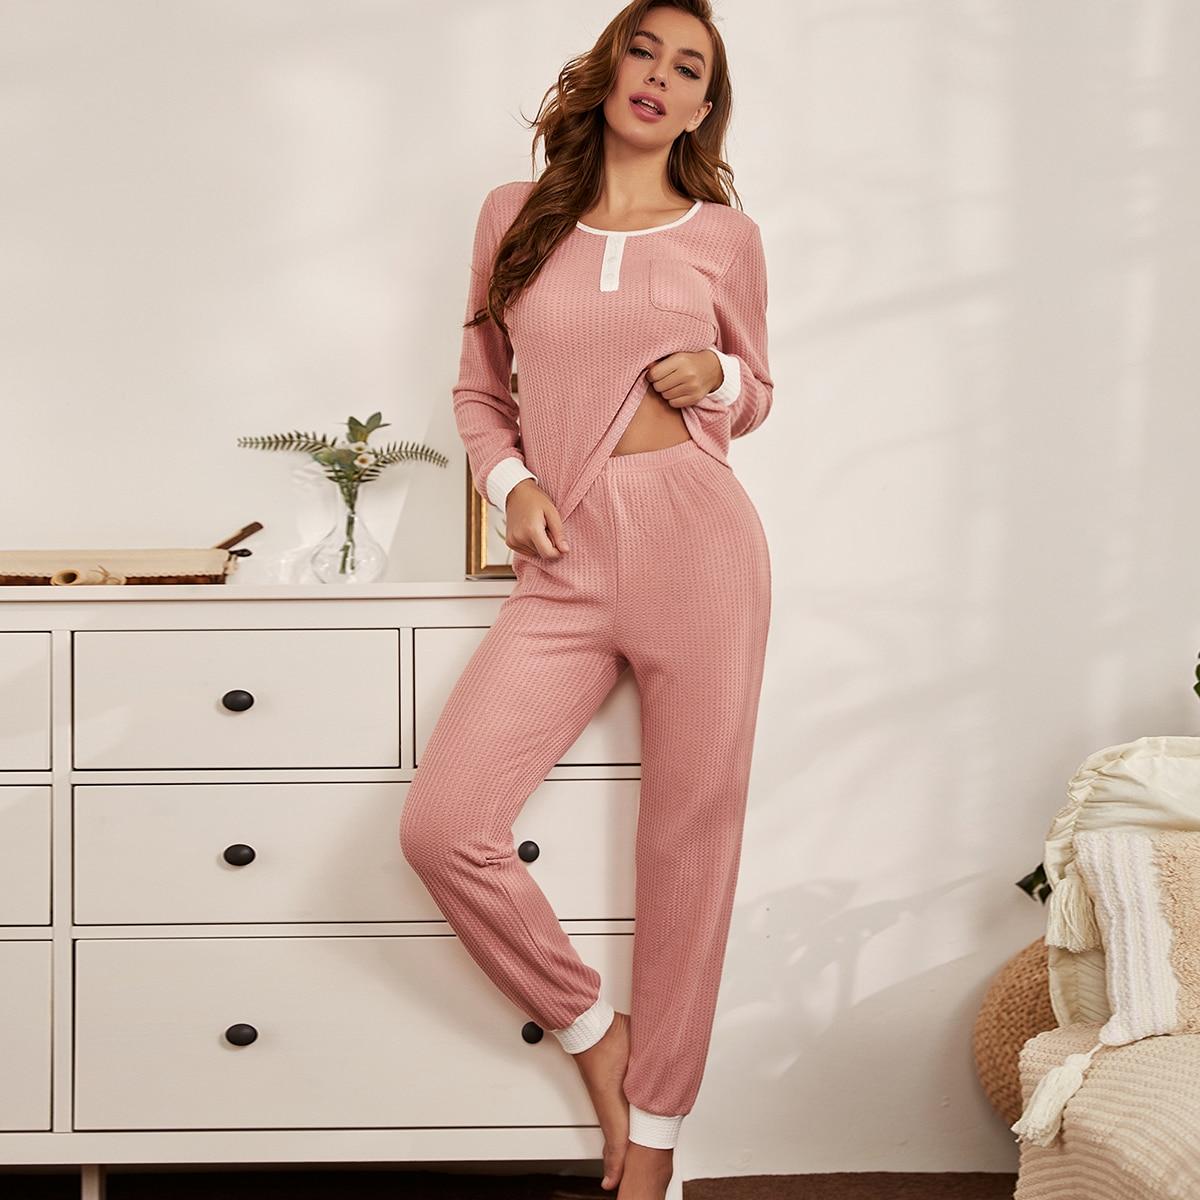 SHEIN / Waffelstrick Schlafanzug Set mit Taschen